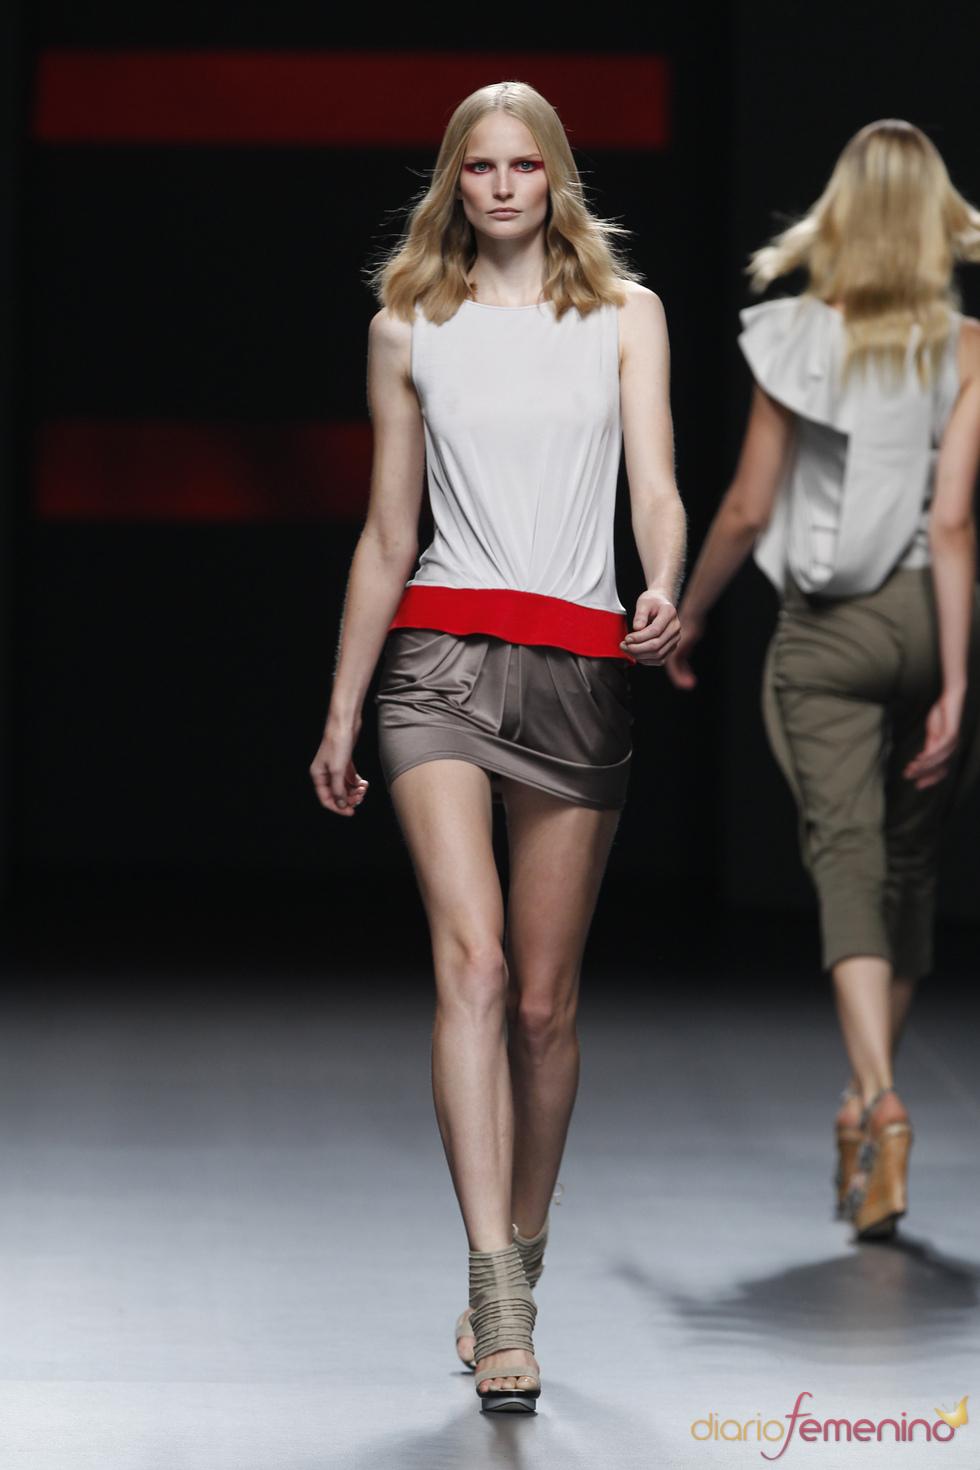 Cibeles Madrid Fashion Week 09-2010: Amaya Arzuaga